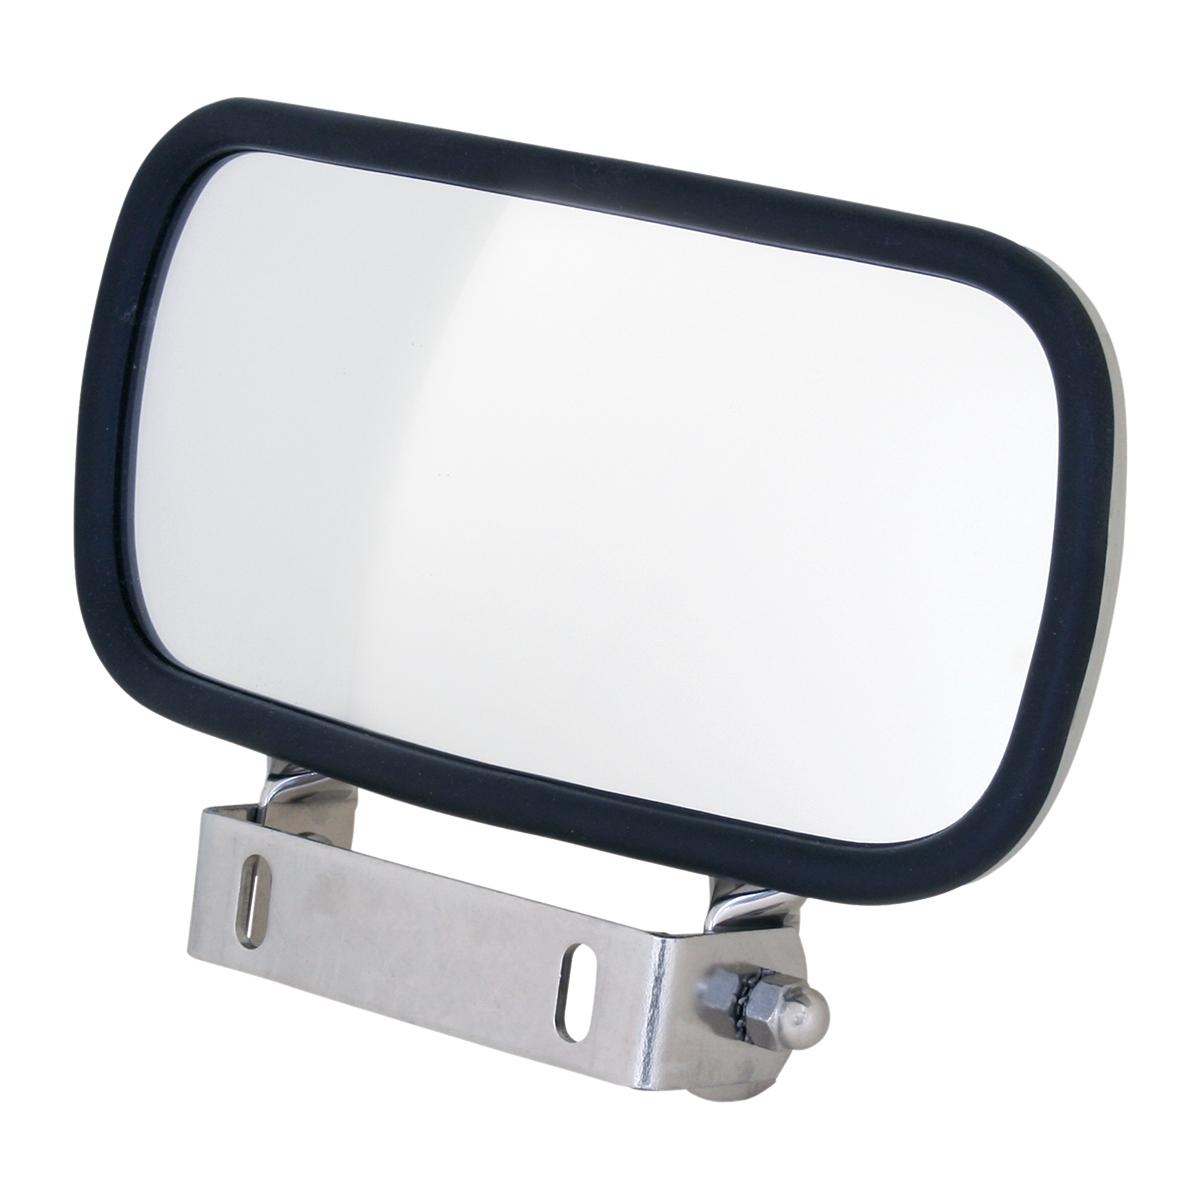 33300 Convex Blind Spot Mirrors with Door/Window Mount